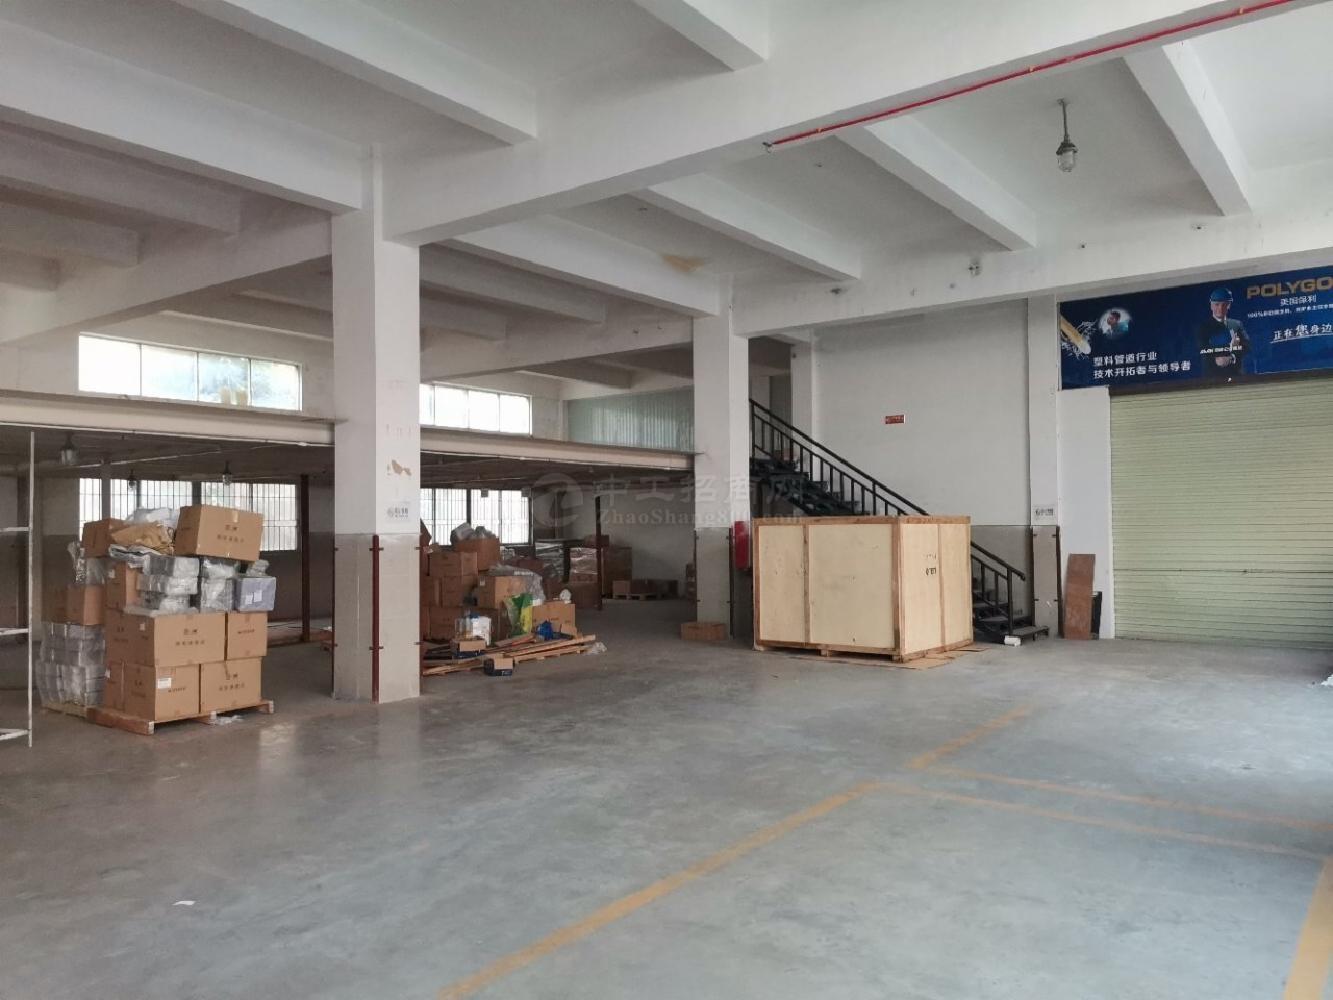 西乡,鹤洲桃园居附近,一楼带装修原房东840平厂房,仓库出租